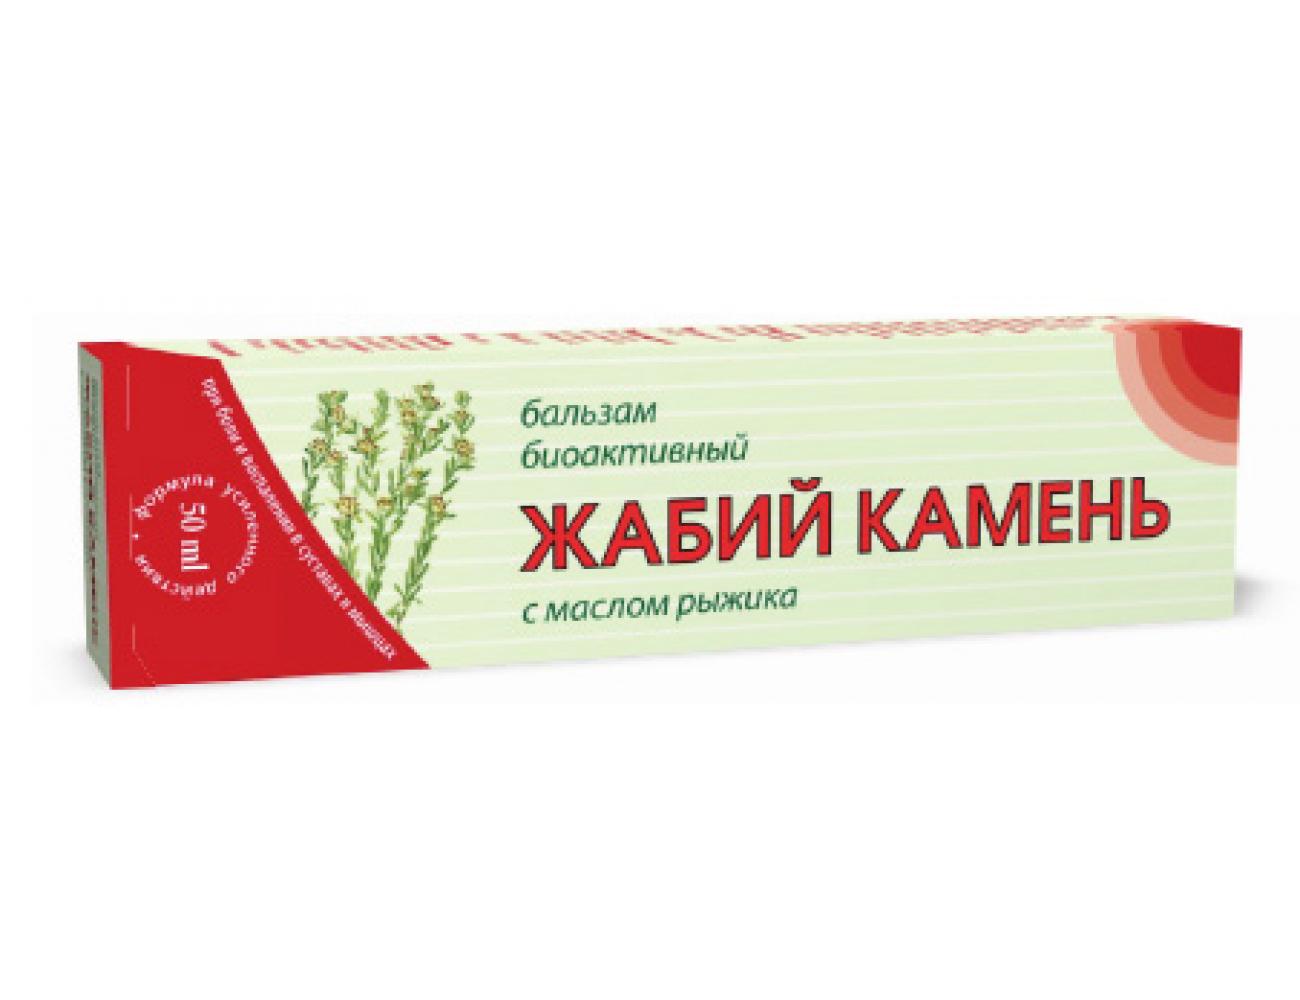 Изображение - Жабий камень для суставов инструкция по применению Krem-ZHabiy-kamen